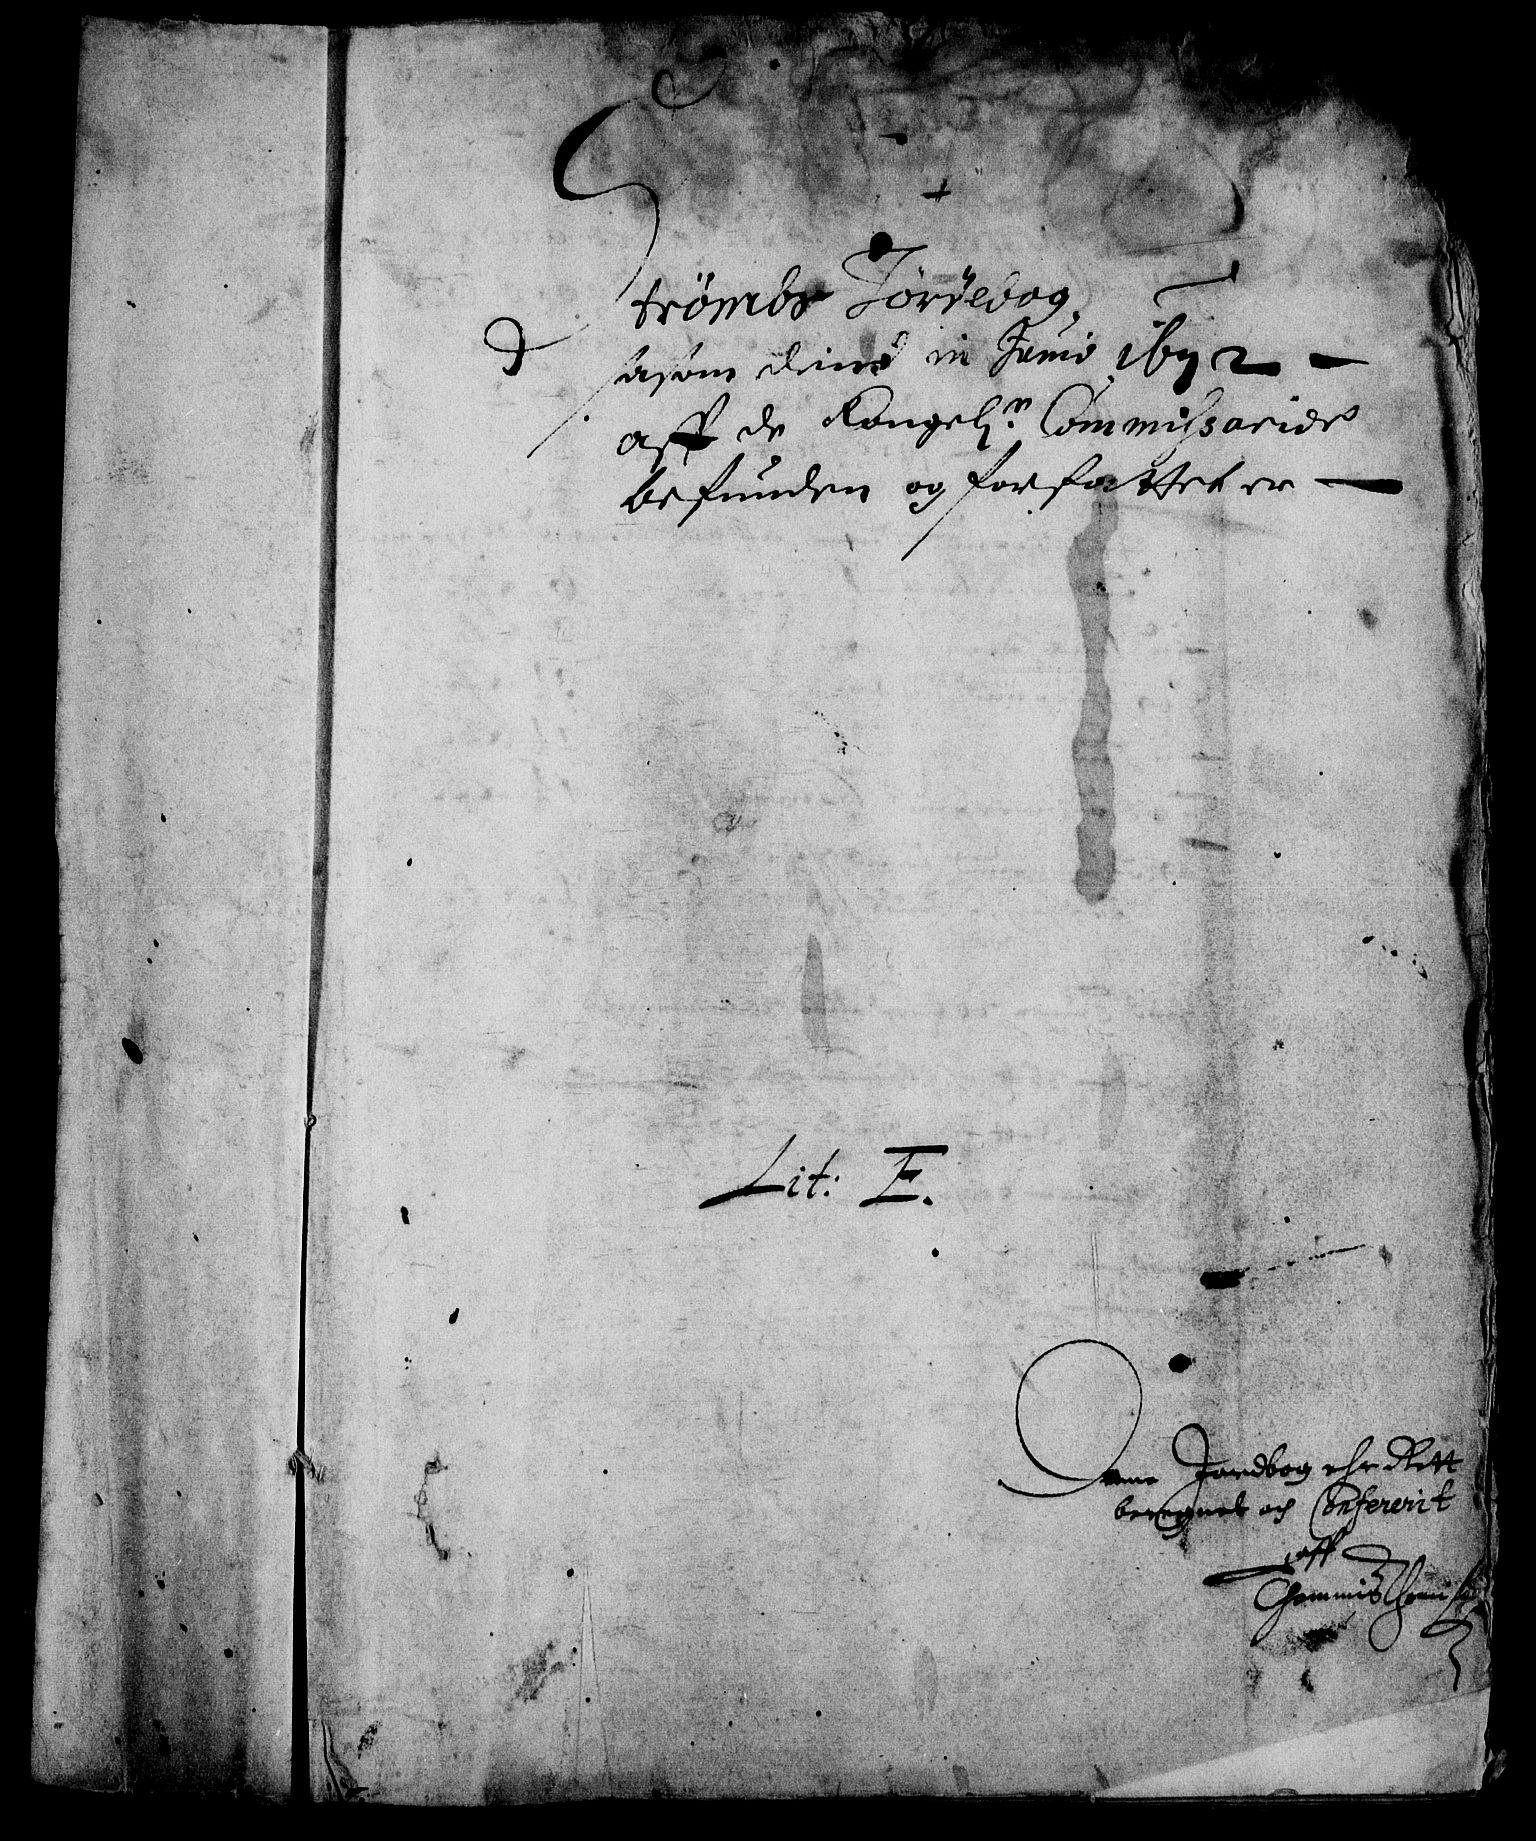 RA, Rentekammeret inntil 1814, Realistisk ordnet avdeling, On/L0008: [Jj 9]: Jordebøker innlevert til kongelig kommisjon 1672: Hammar, Osgård, Sem med Skjelbred, Fossesholm, Fiskum og Ulland (1669-1672), Strøm (1658-u.d. og 1672-73) samt Svanøy gods i Sunnfjord (1657)., 1672, s. 288